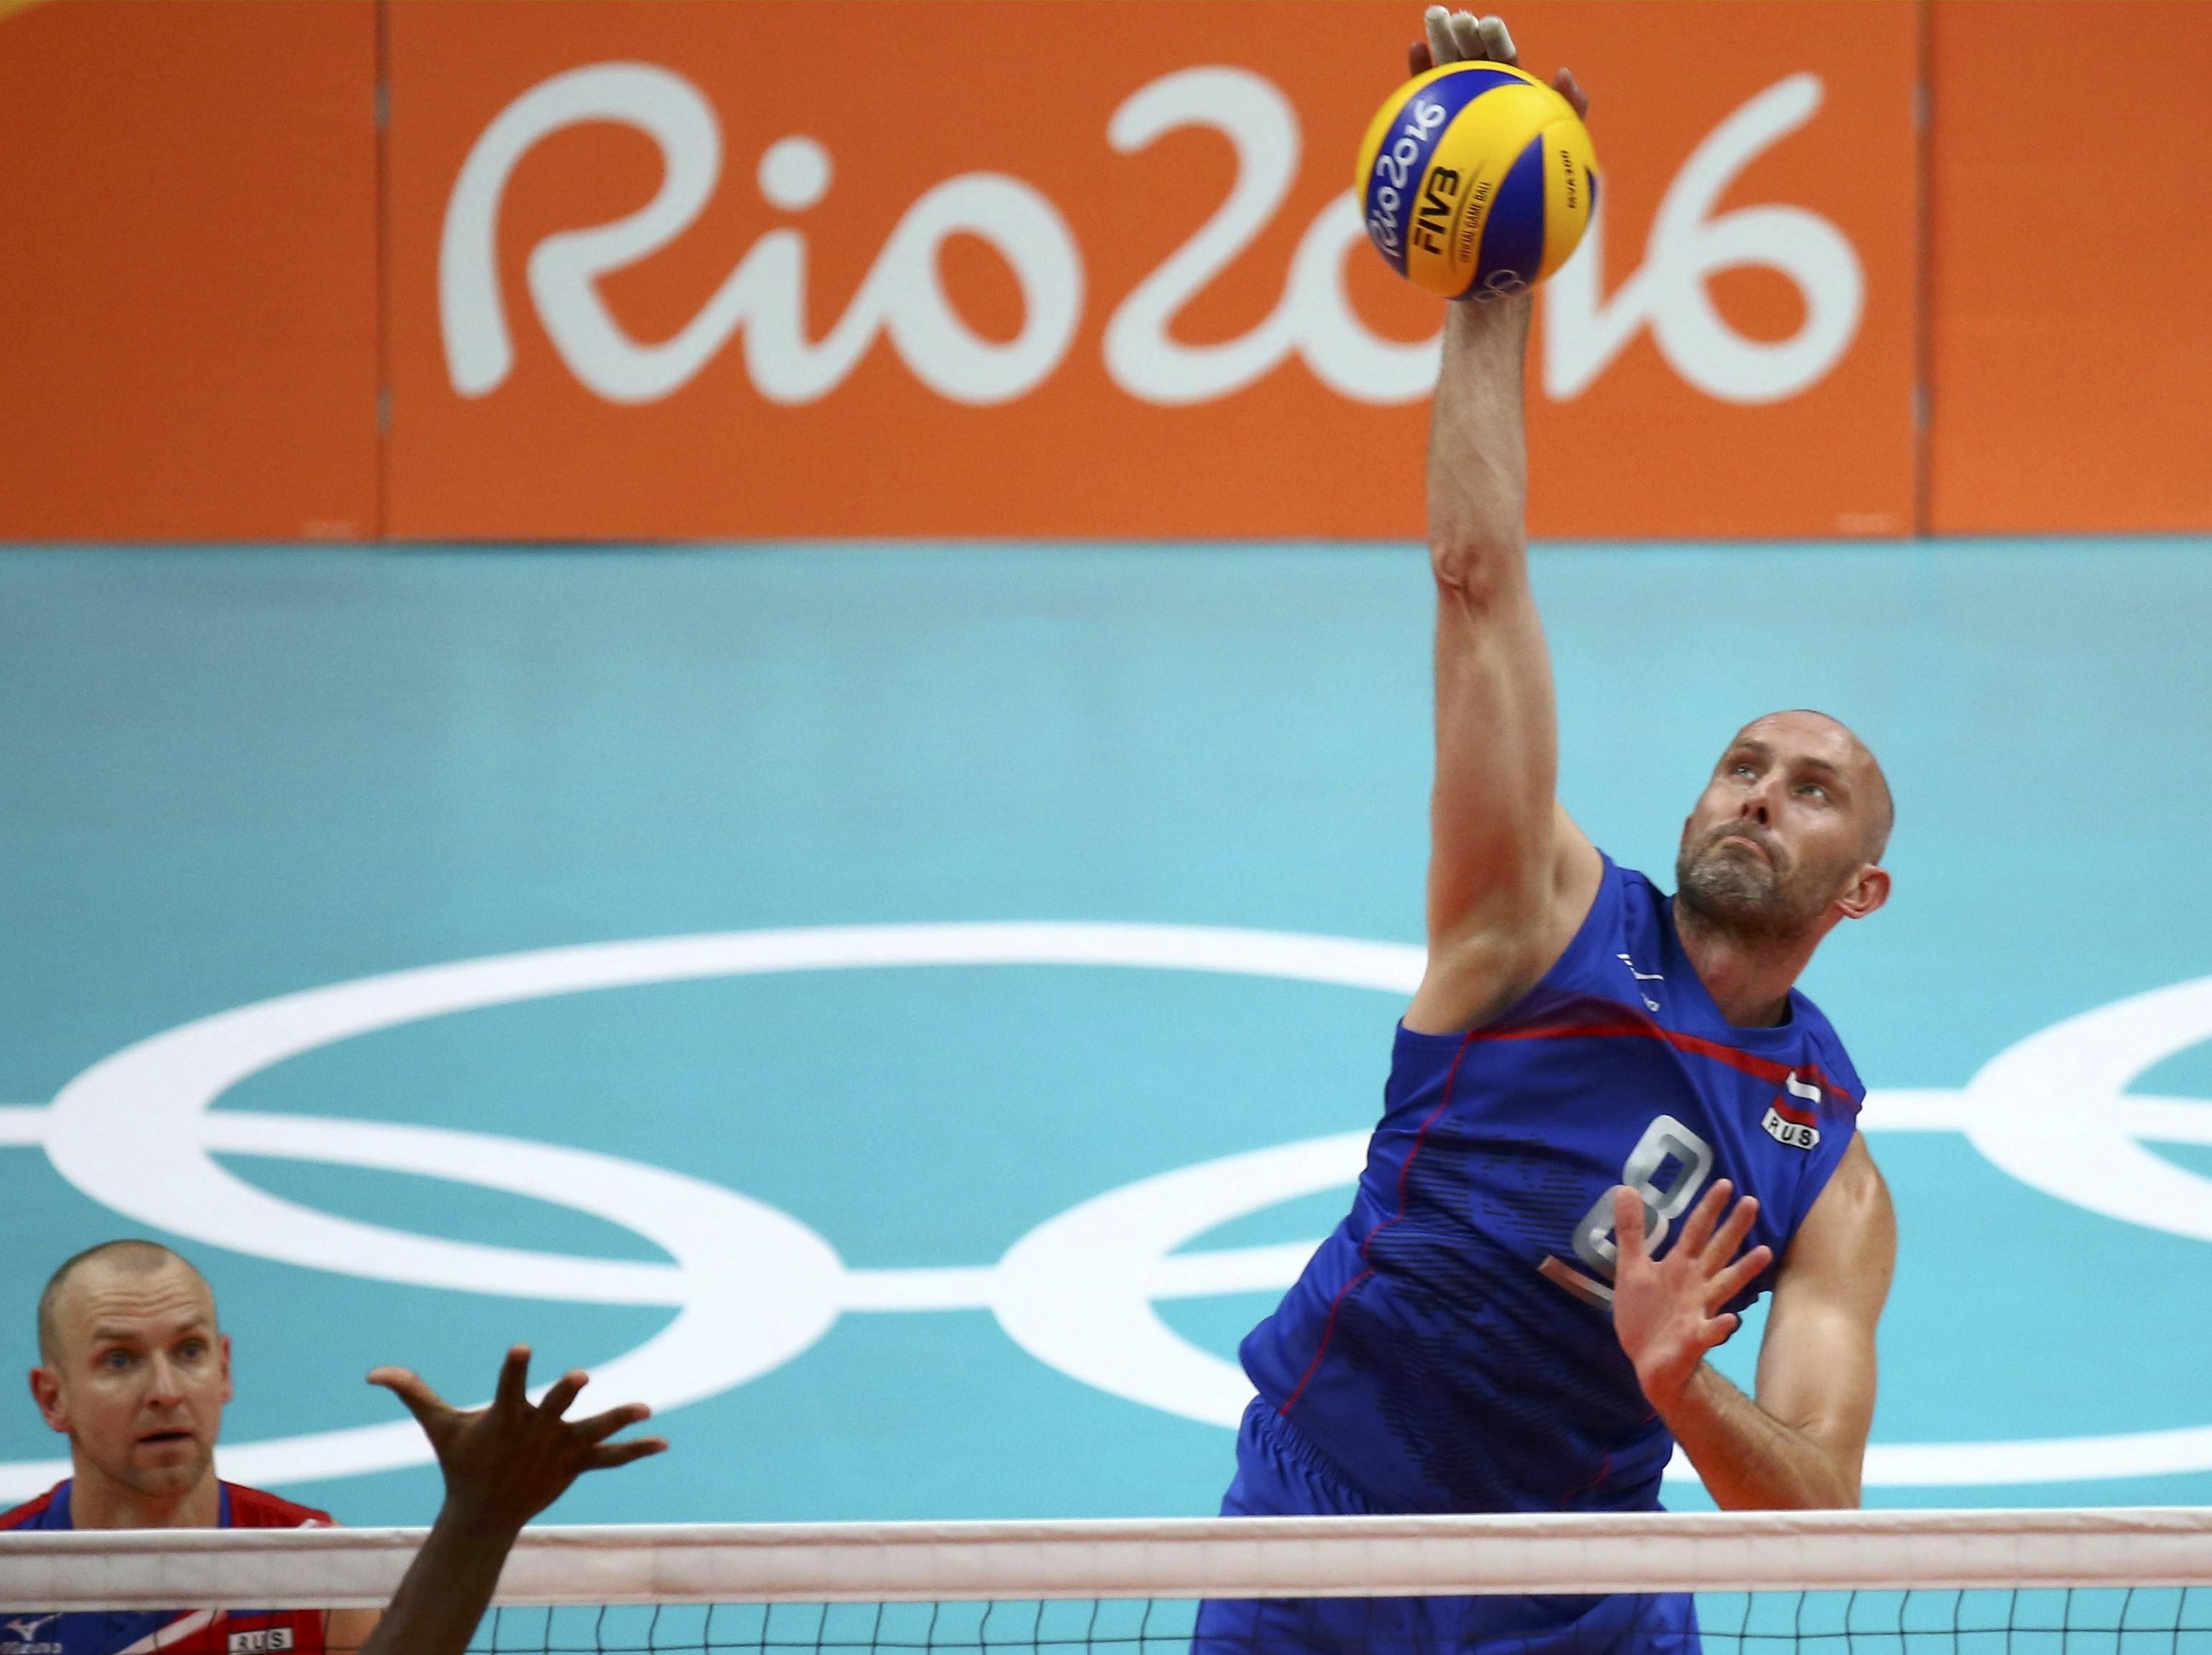 Олимпиада волейбол мужчины 23 фотография